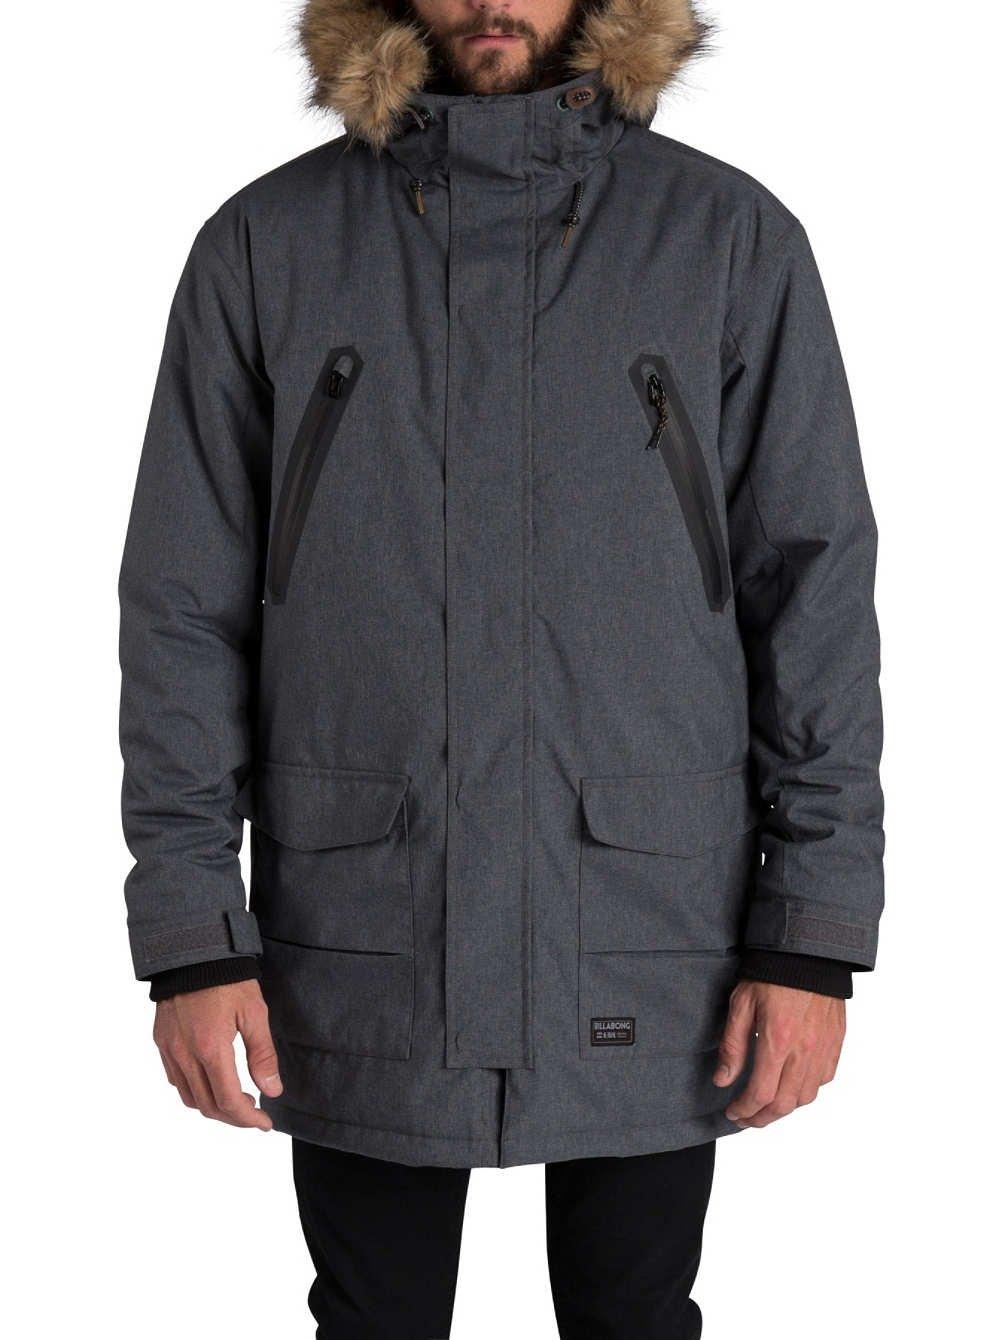 2016 Billabong Tumbolt Parka Jacket ANTHRACITE Z1JK21